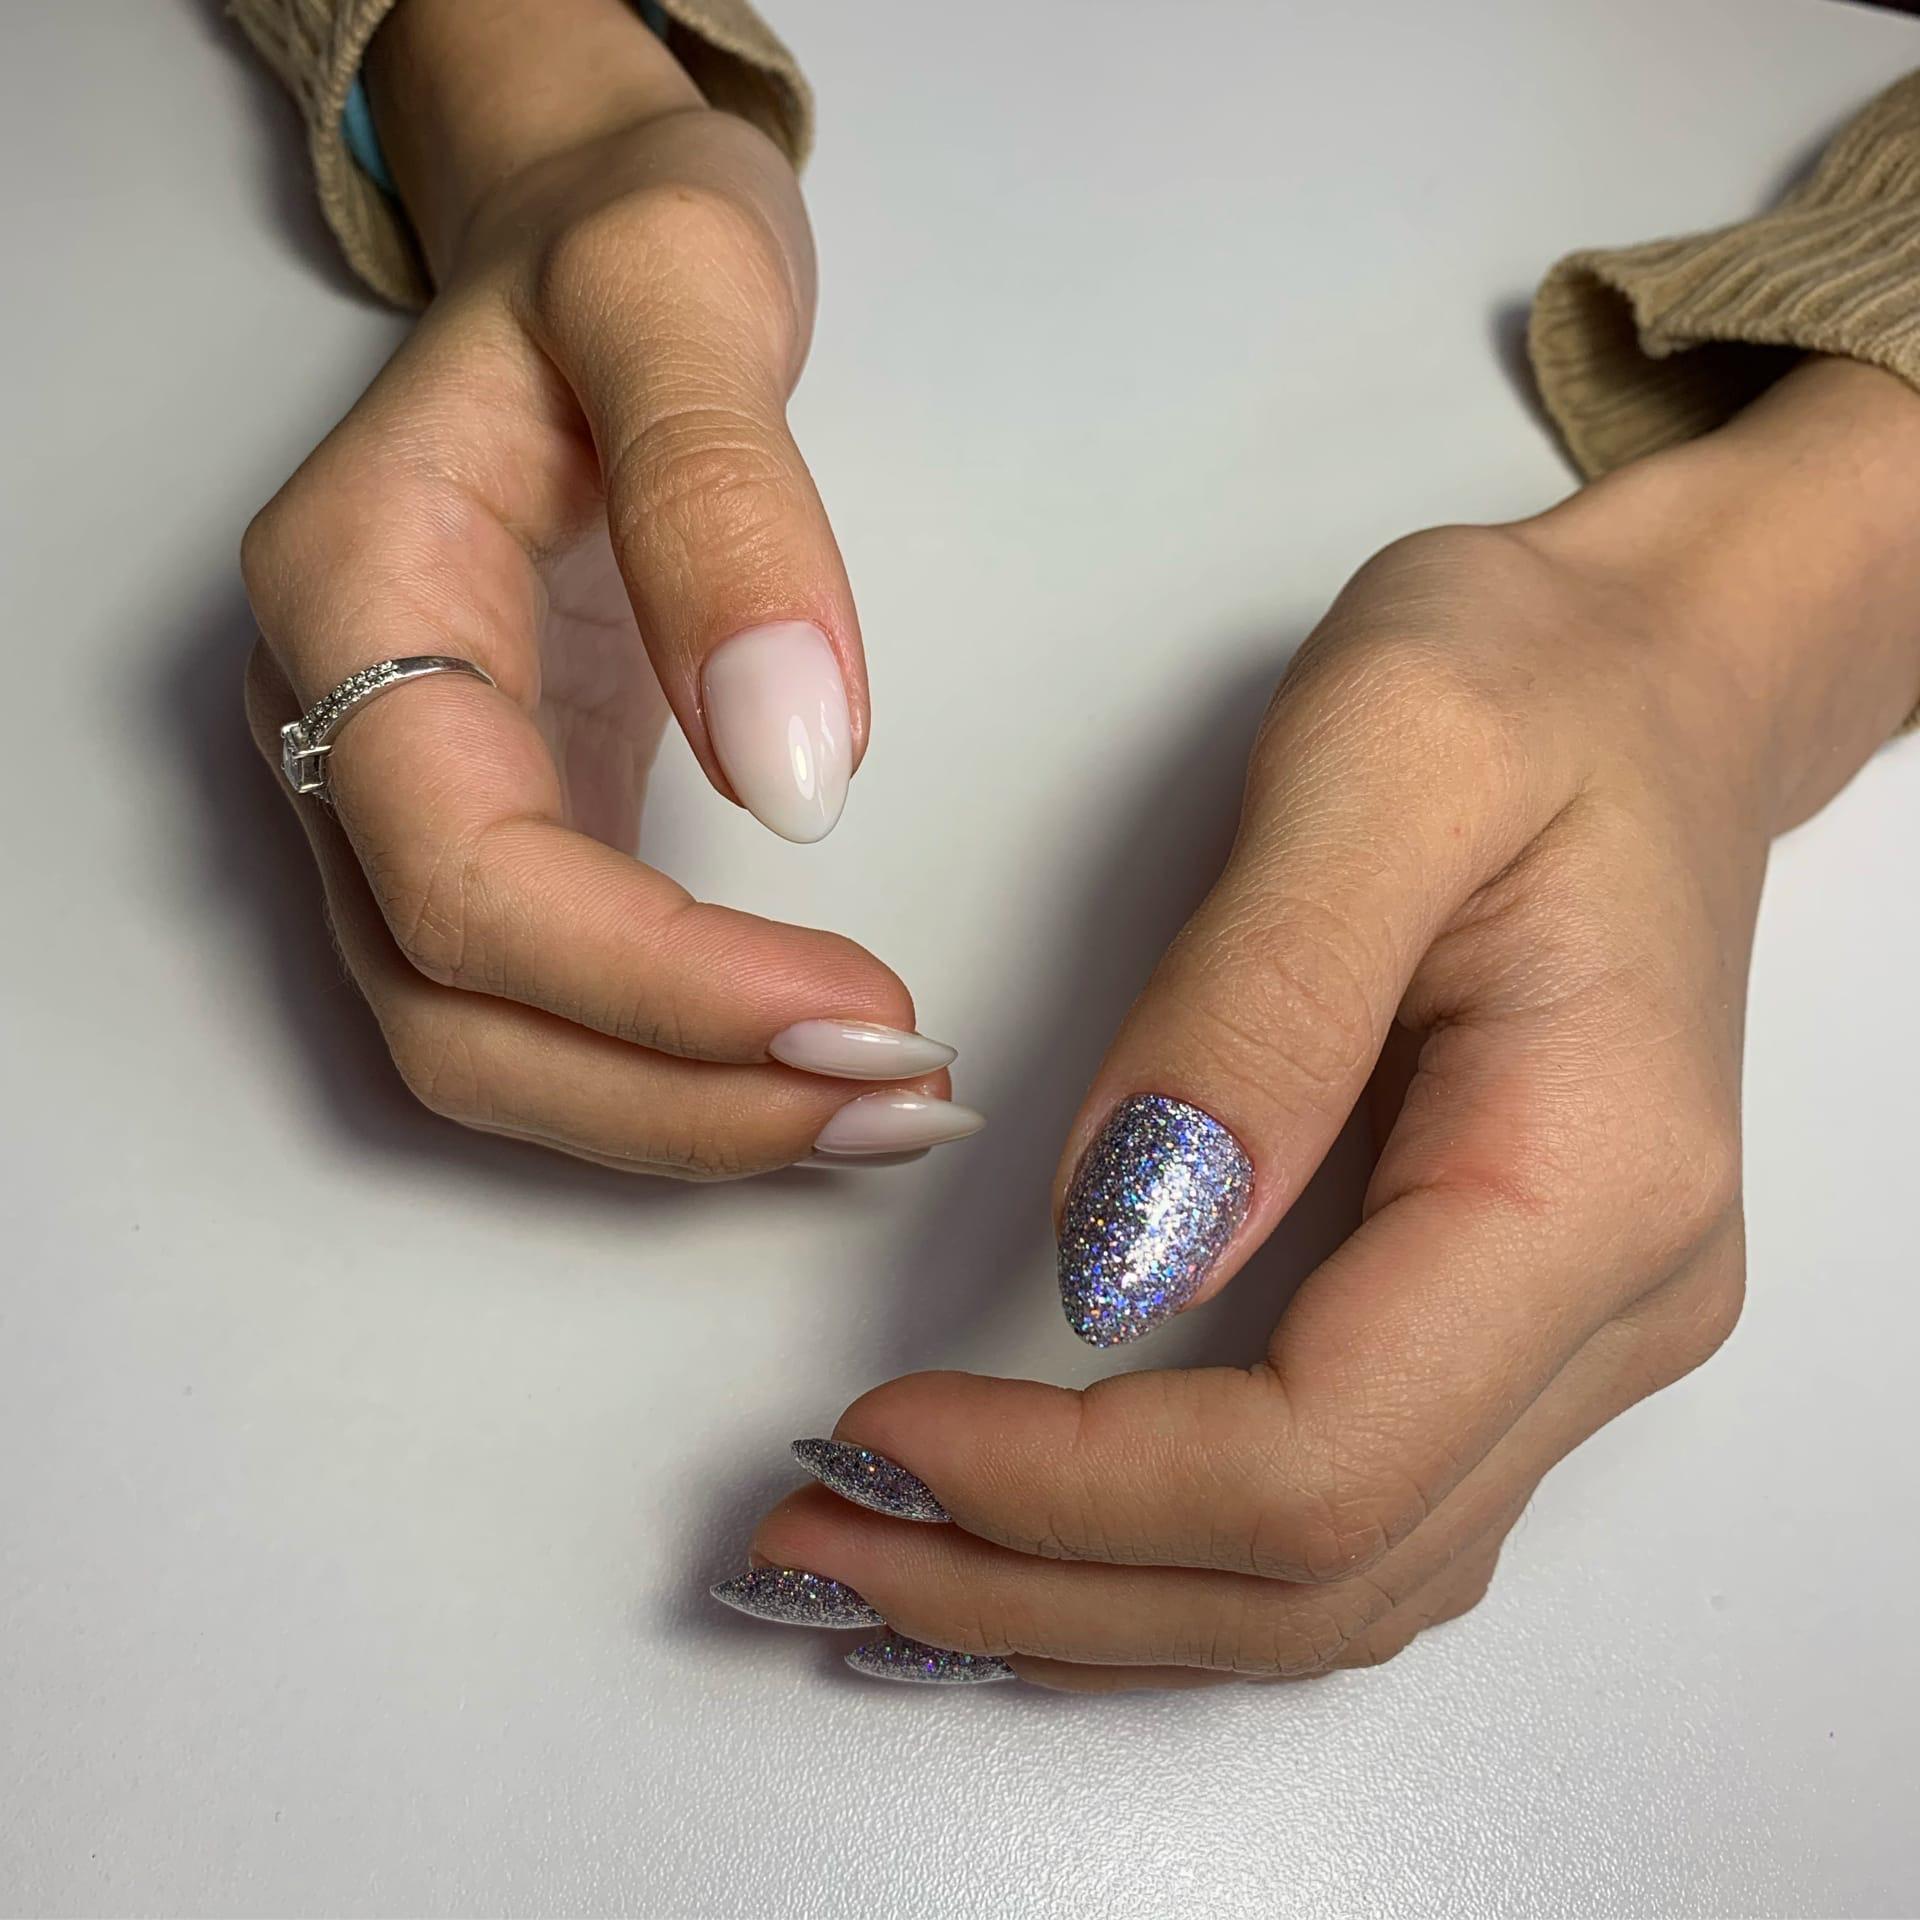 Контрастный маникюр с серебряными блестками на короткие ногти.